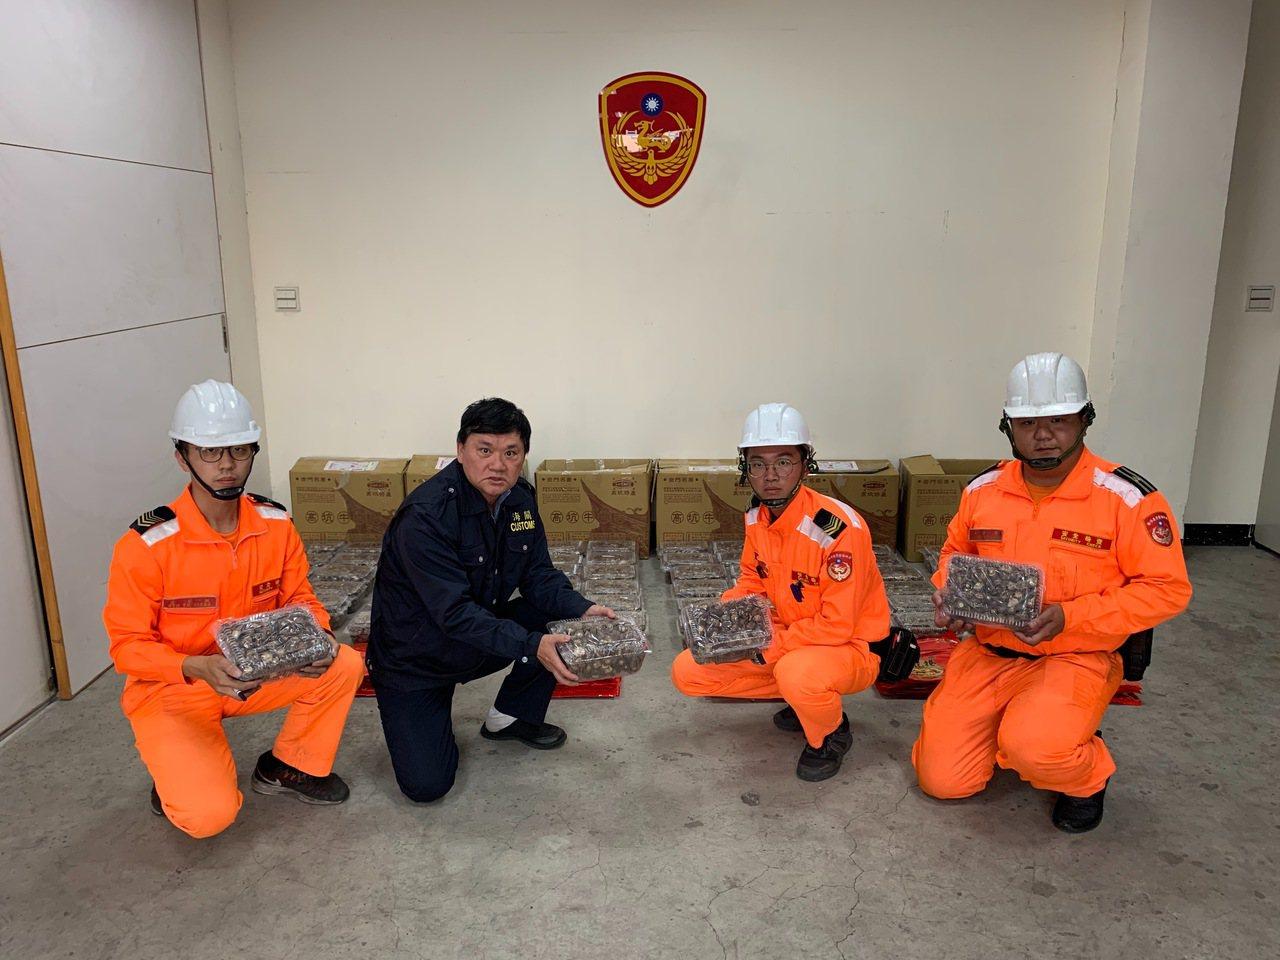 第九岸巡队料罗商港安检所人员在进行货物拆检时,意外查获新式伪装麻花卷袋藏香菇手法...